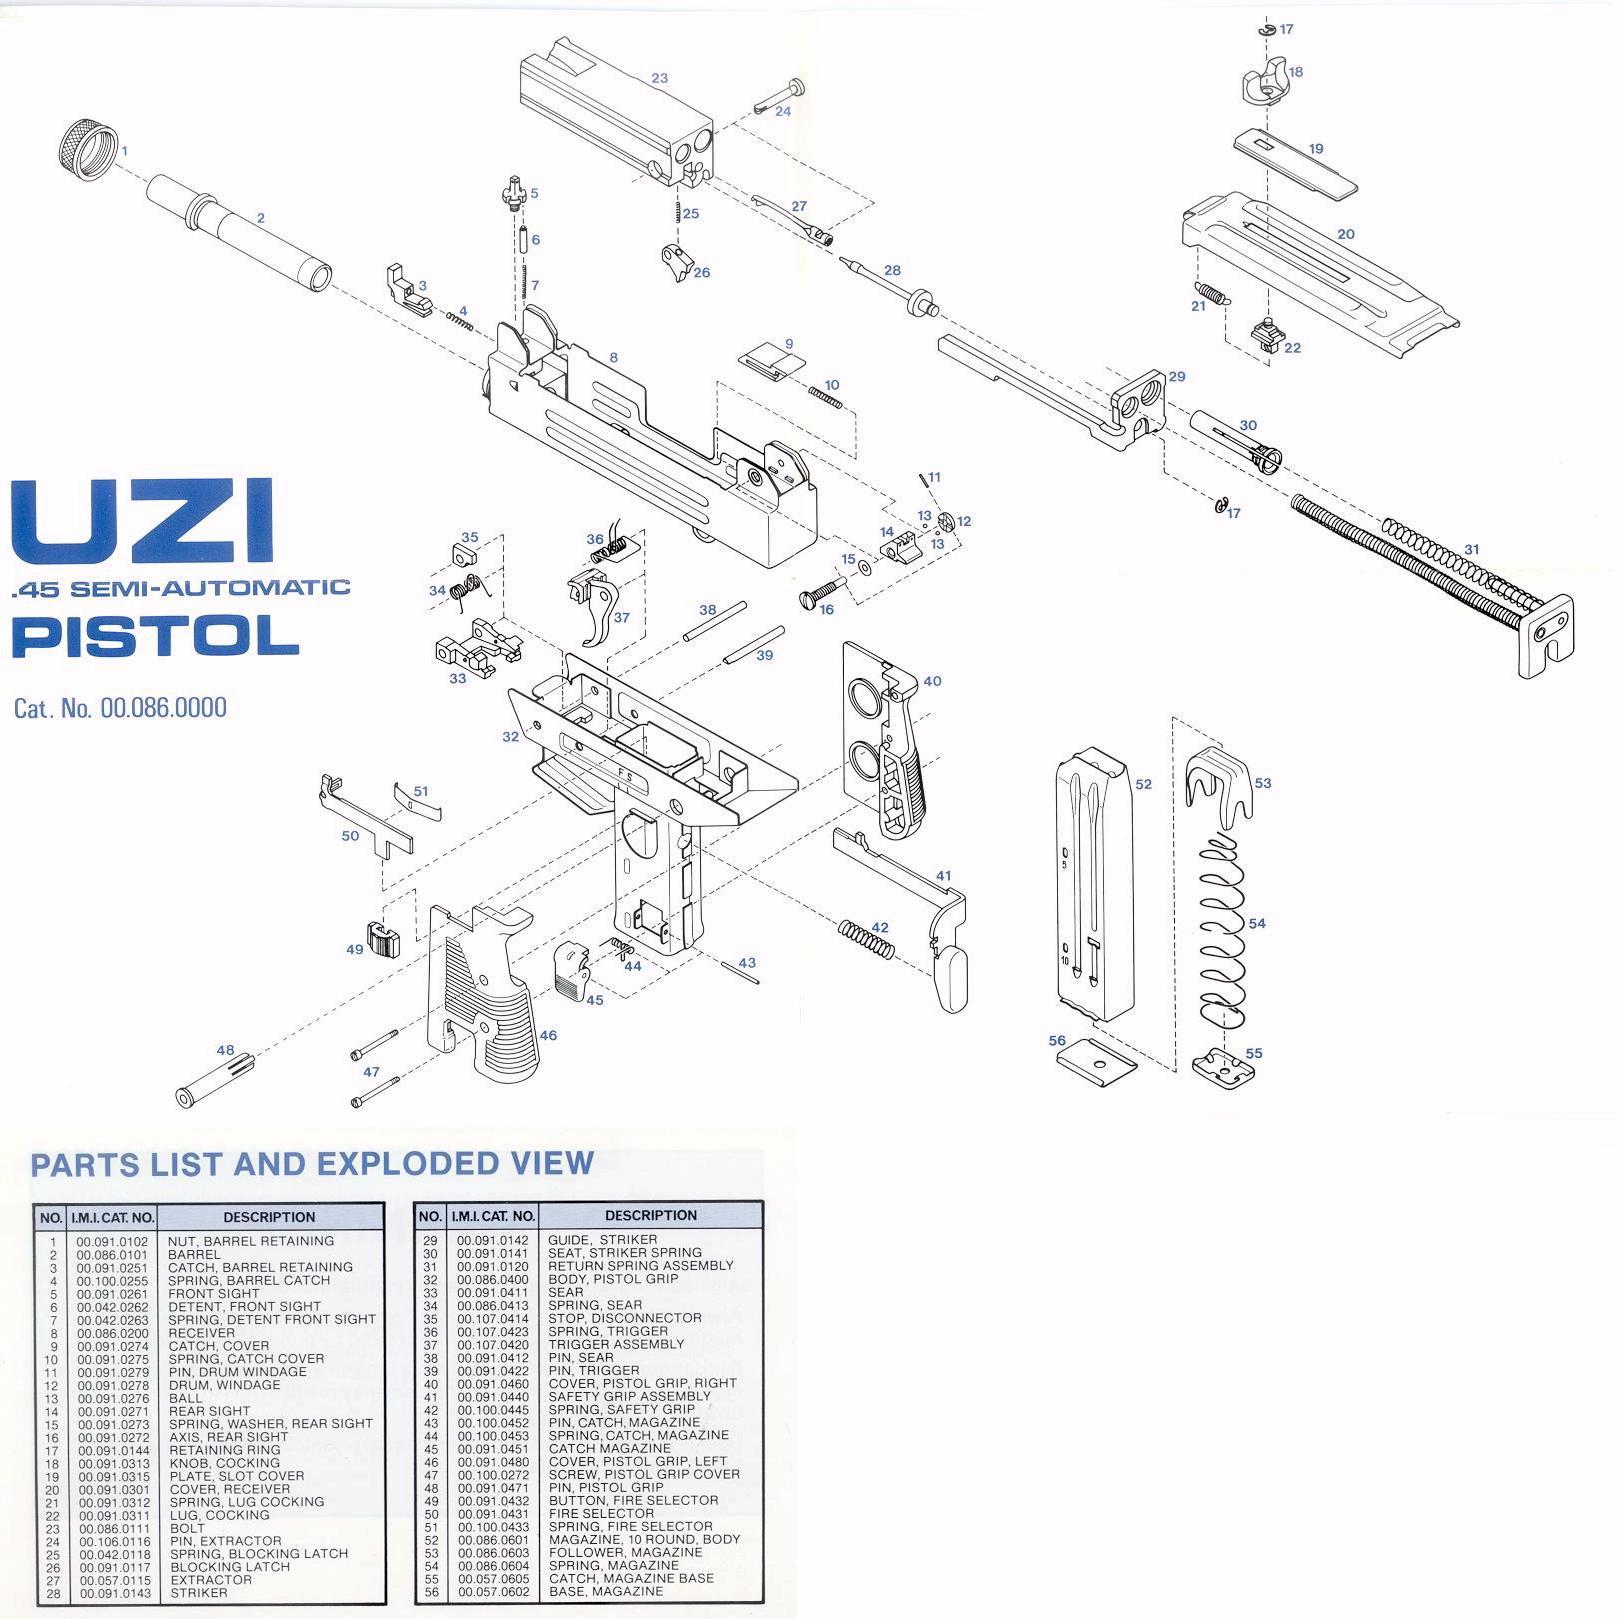 hight resolution of semi automatic uzi pistol